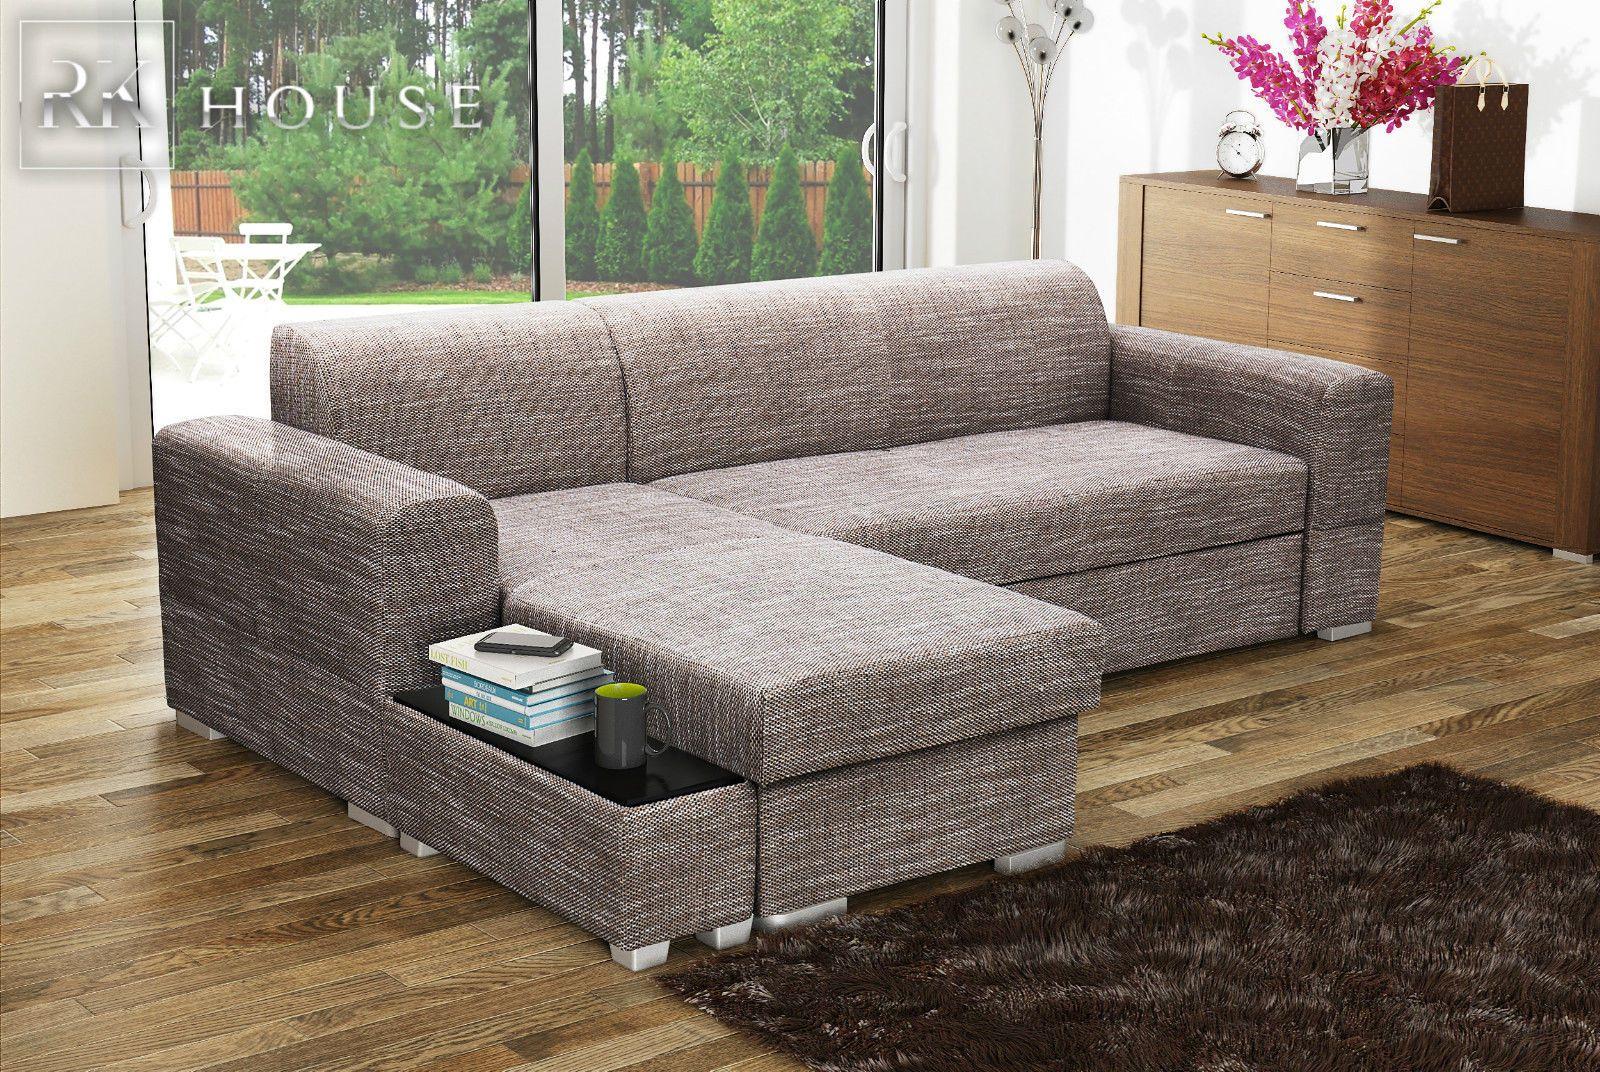 Das Sortiment an #Ecksofas, wahlweise auch mit passendem Hocker oder #Sessel, ist groß. Wählen Sie Ihr #Modell in modernen Farben und Materialien.